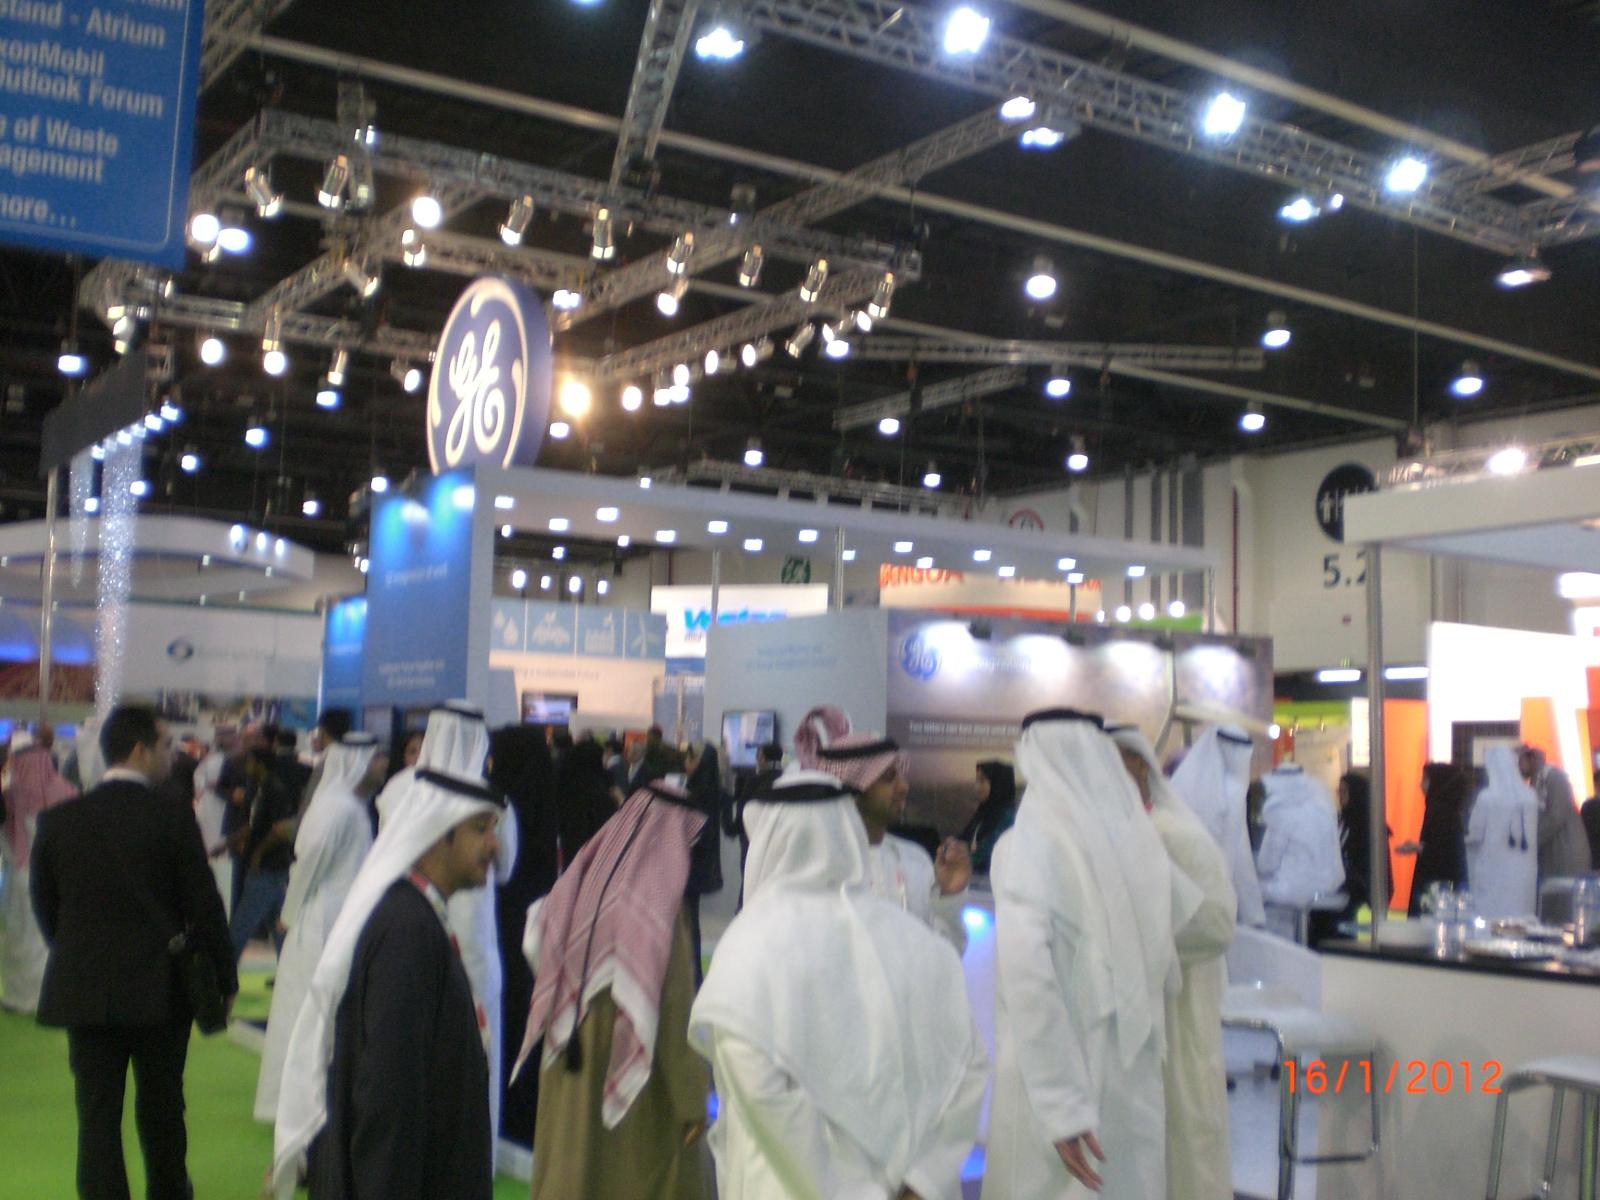 WFES2012 Le Public monde